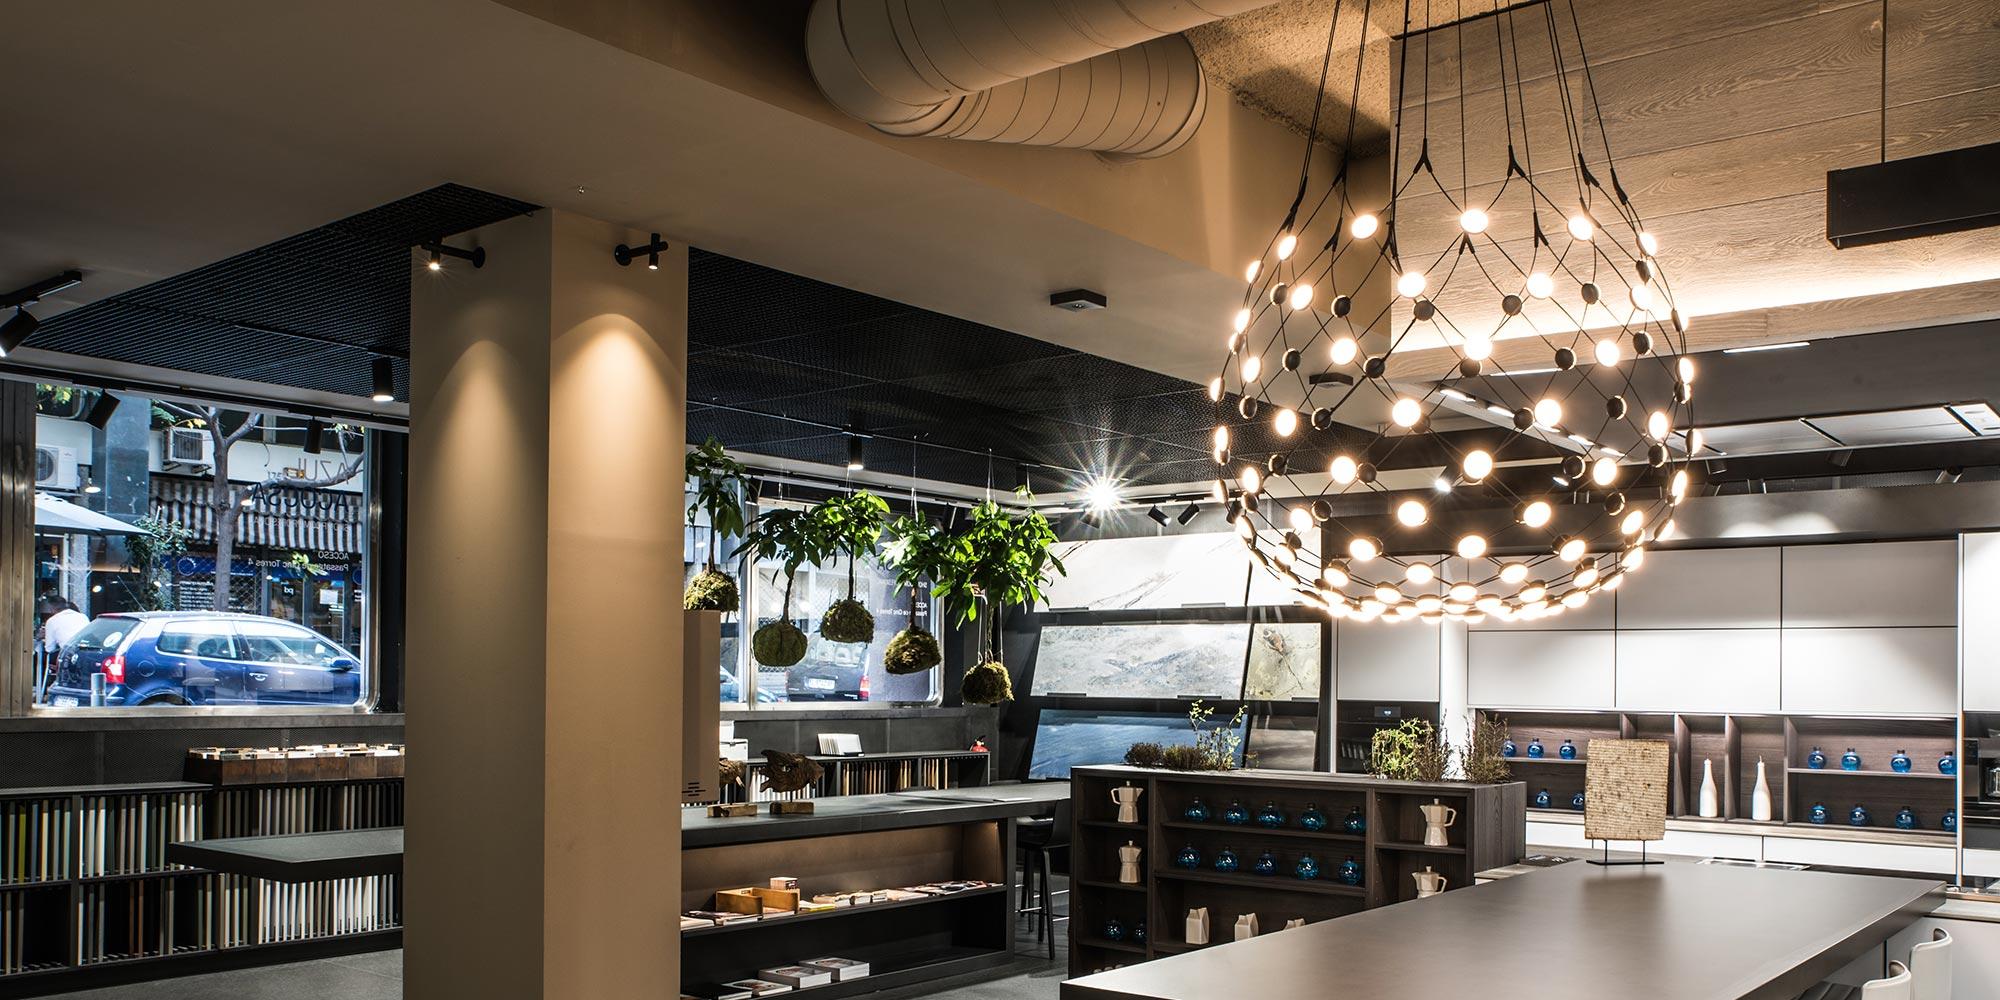 Iluminacion interior interiorhalloween co for Diseno de iluminacion de interiores